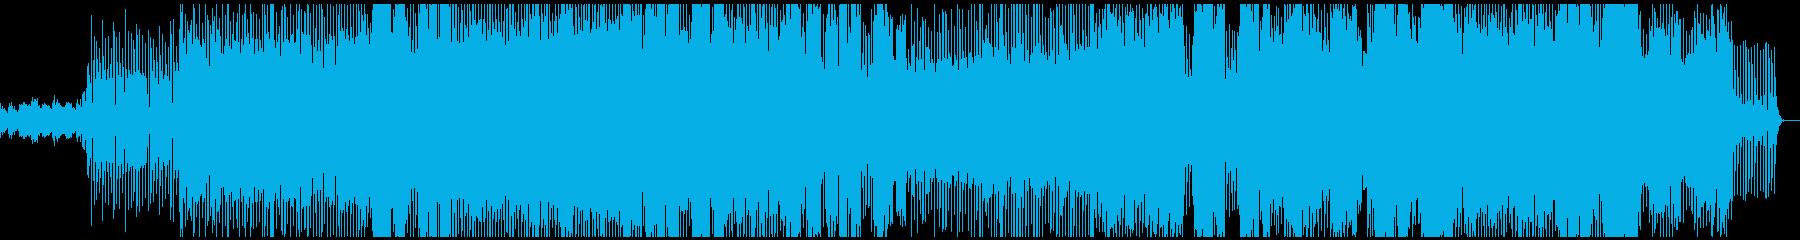 気分が上がるEDMの再生済みの波形